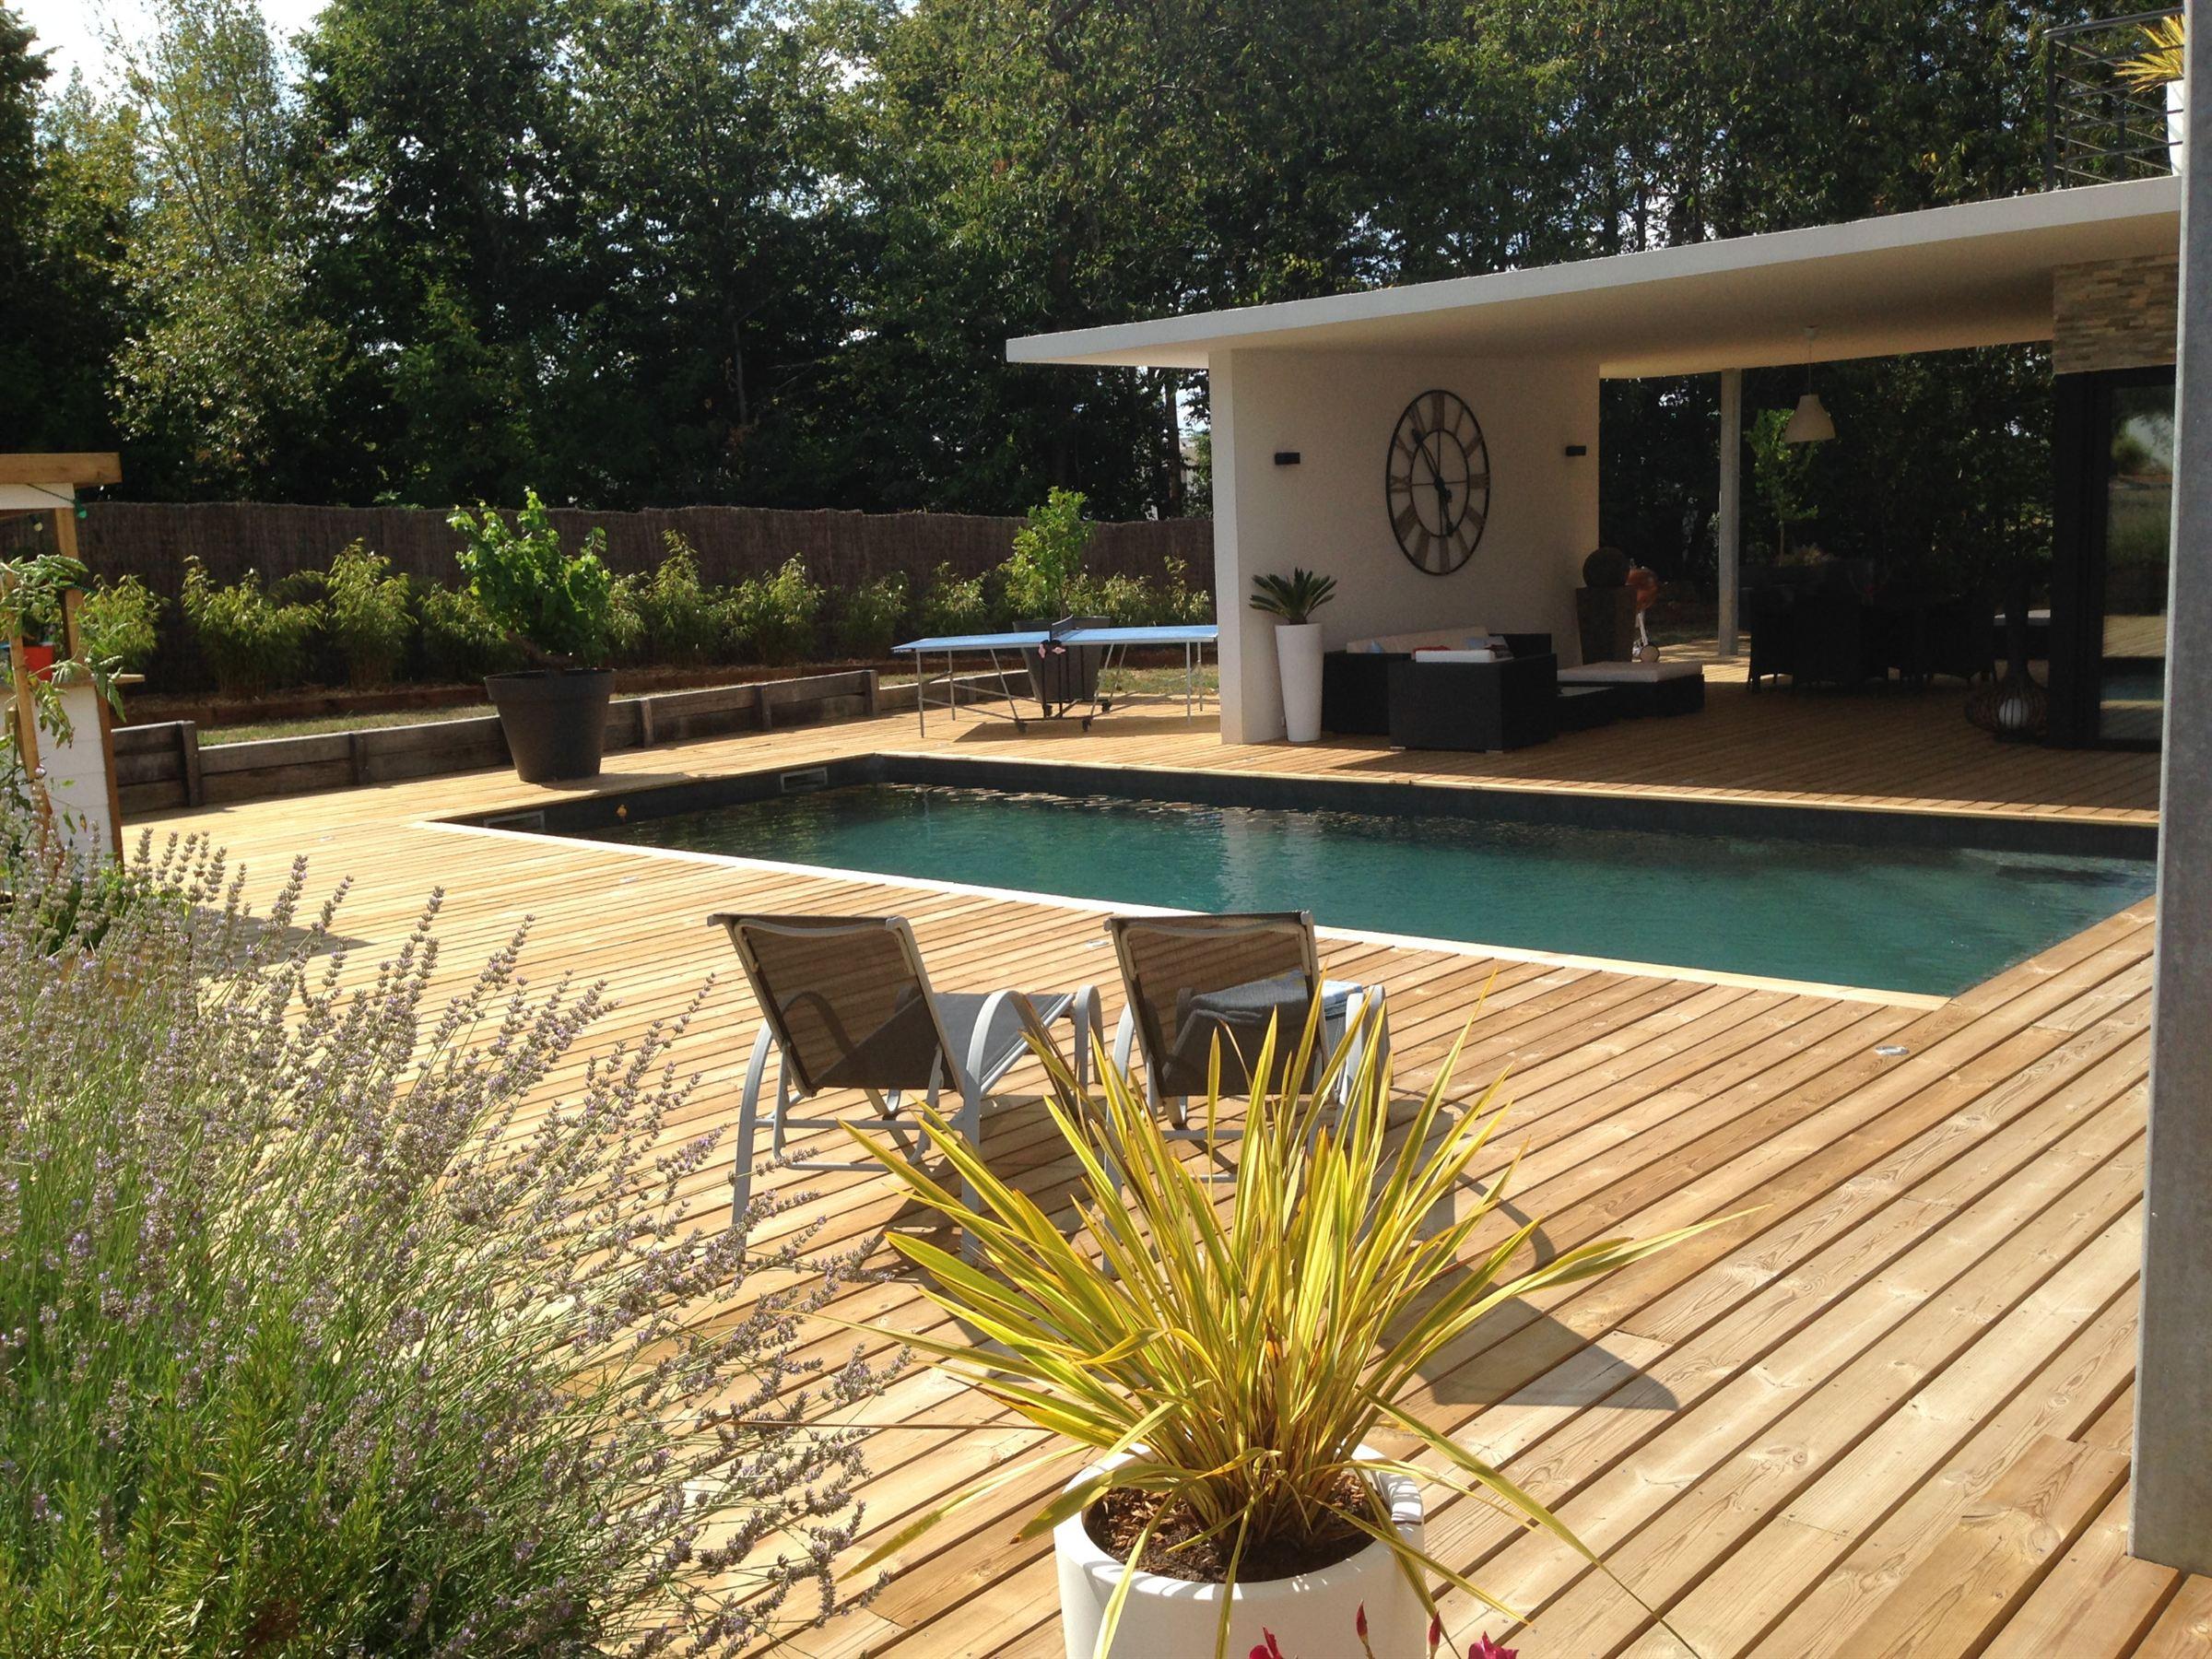 Casa Unifamiliar por un Venta en BOULIAC LOVELY ARCHITECT HOME IN A LANDSCAPED GARDEN Bordeaux, Aquitania, 33000 Francia